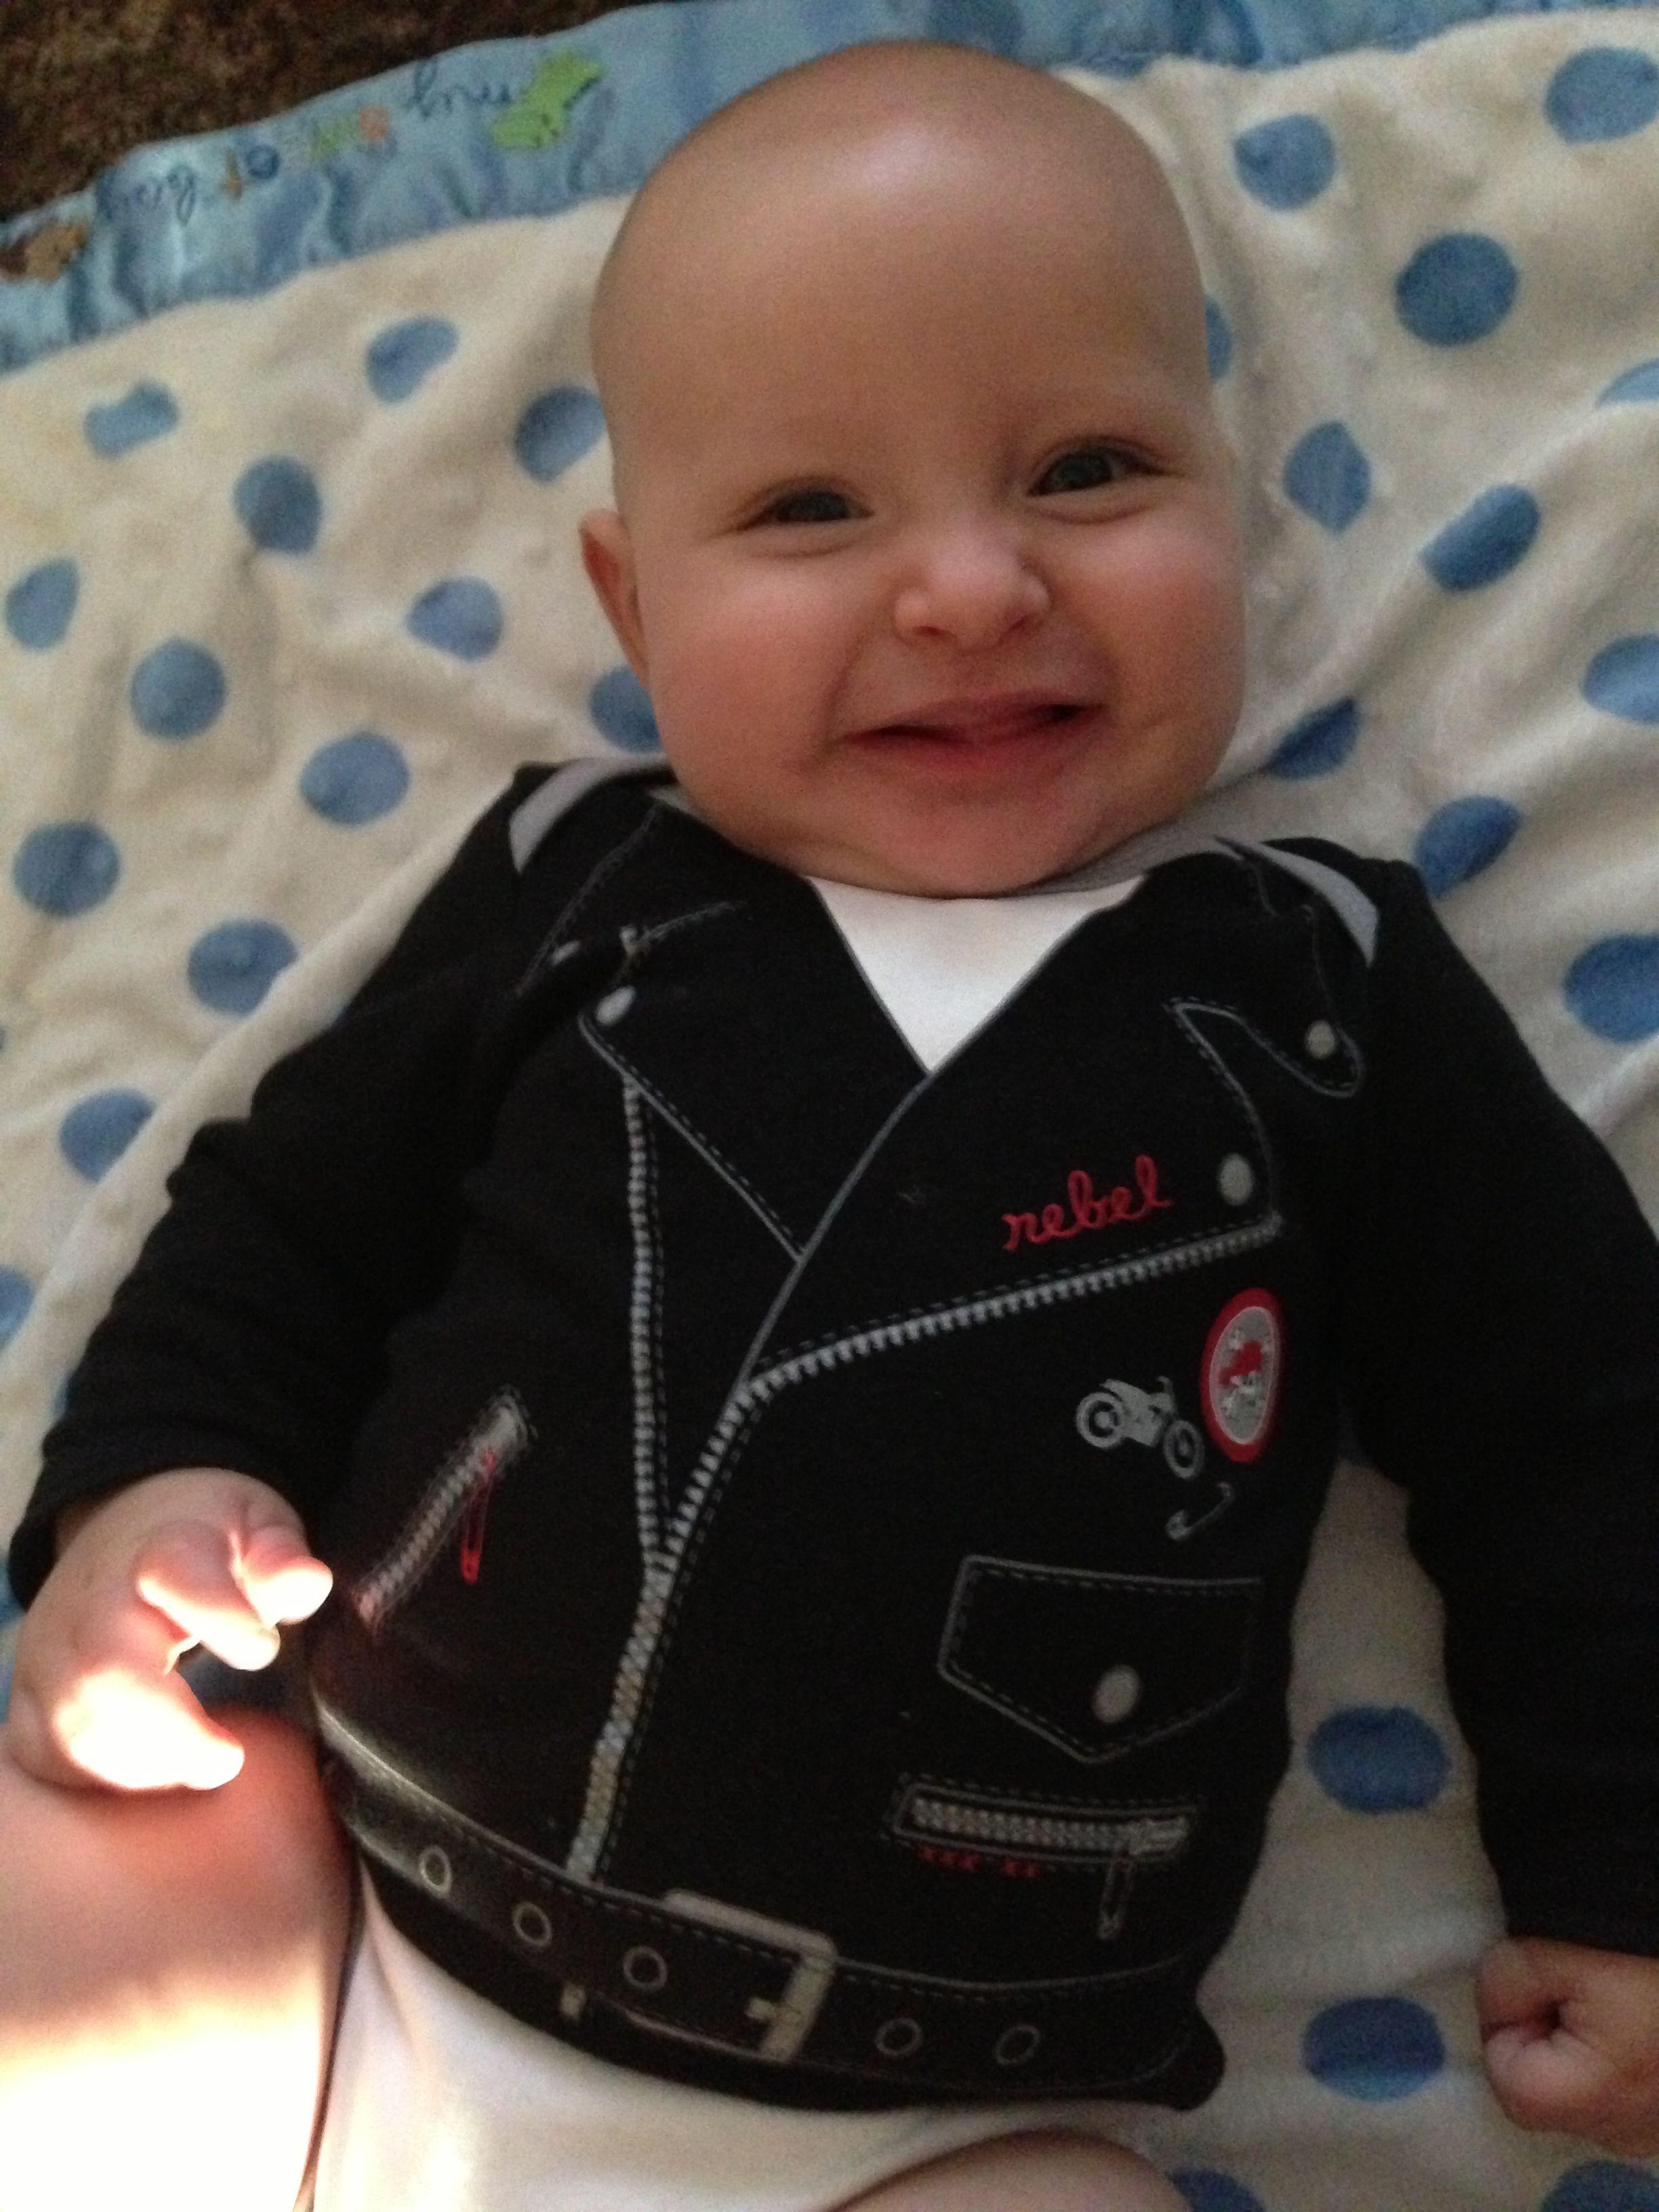 543667db9 Baby motorcycle jacket onesie